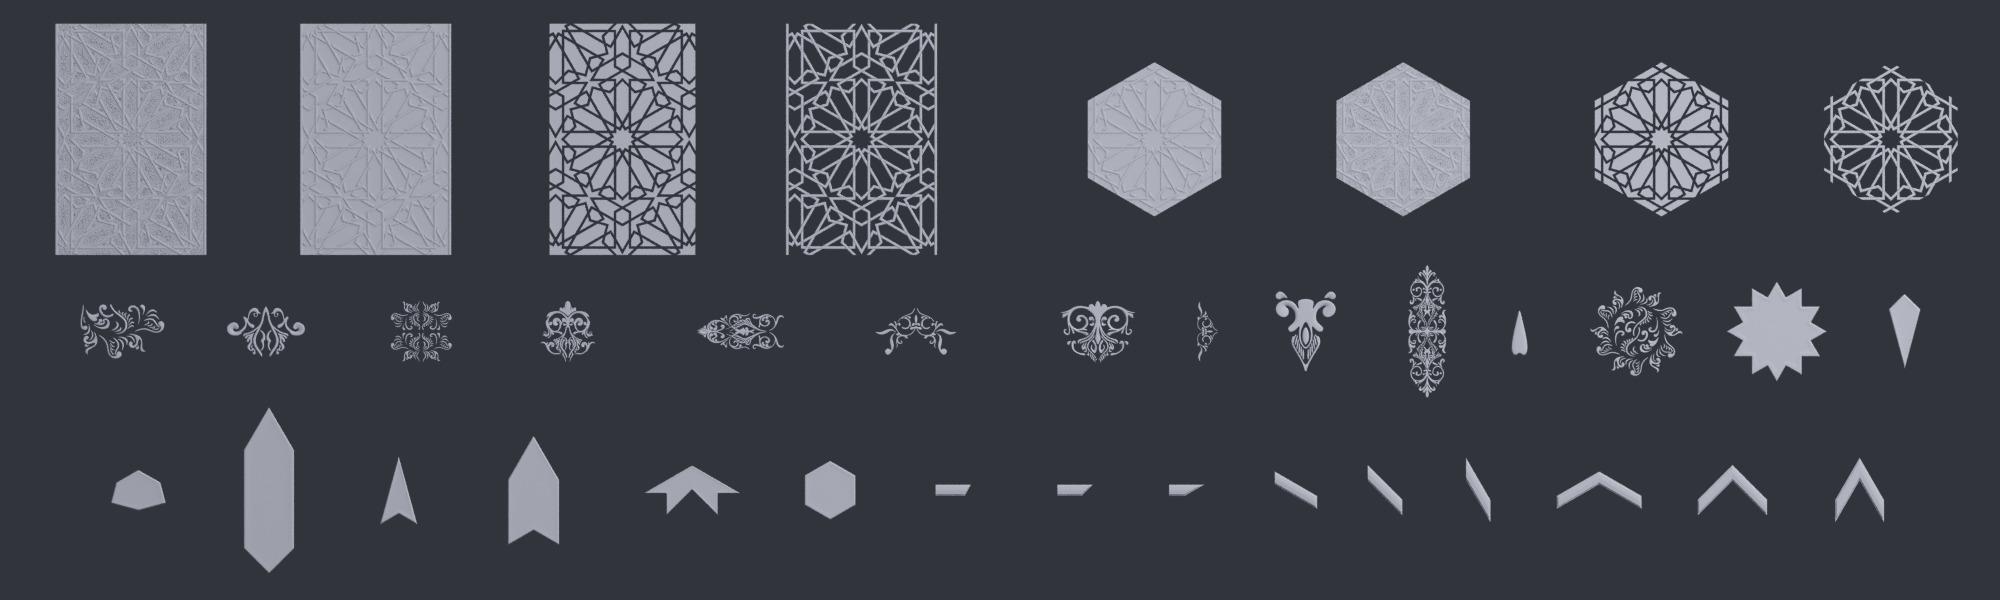 3D Ornament Kitbash Set - Moorish 10